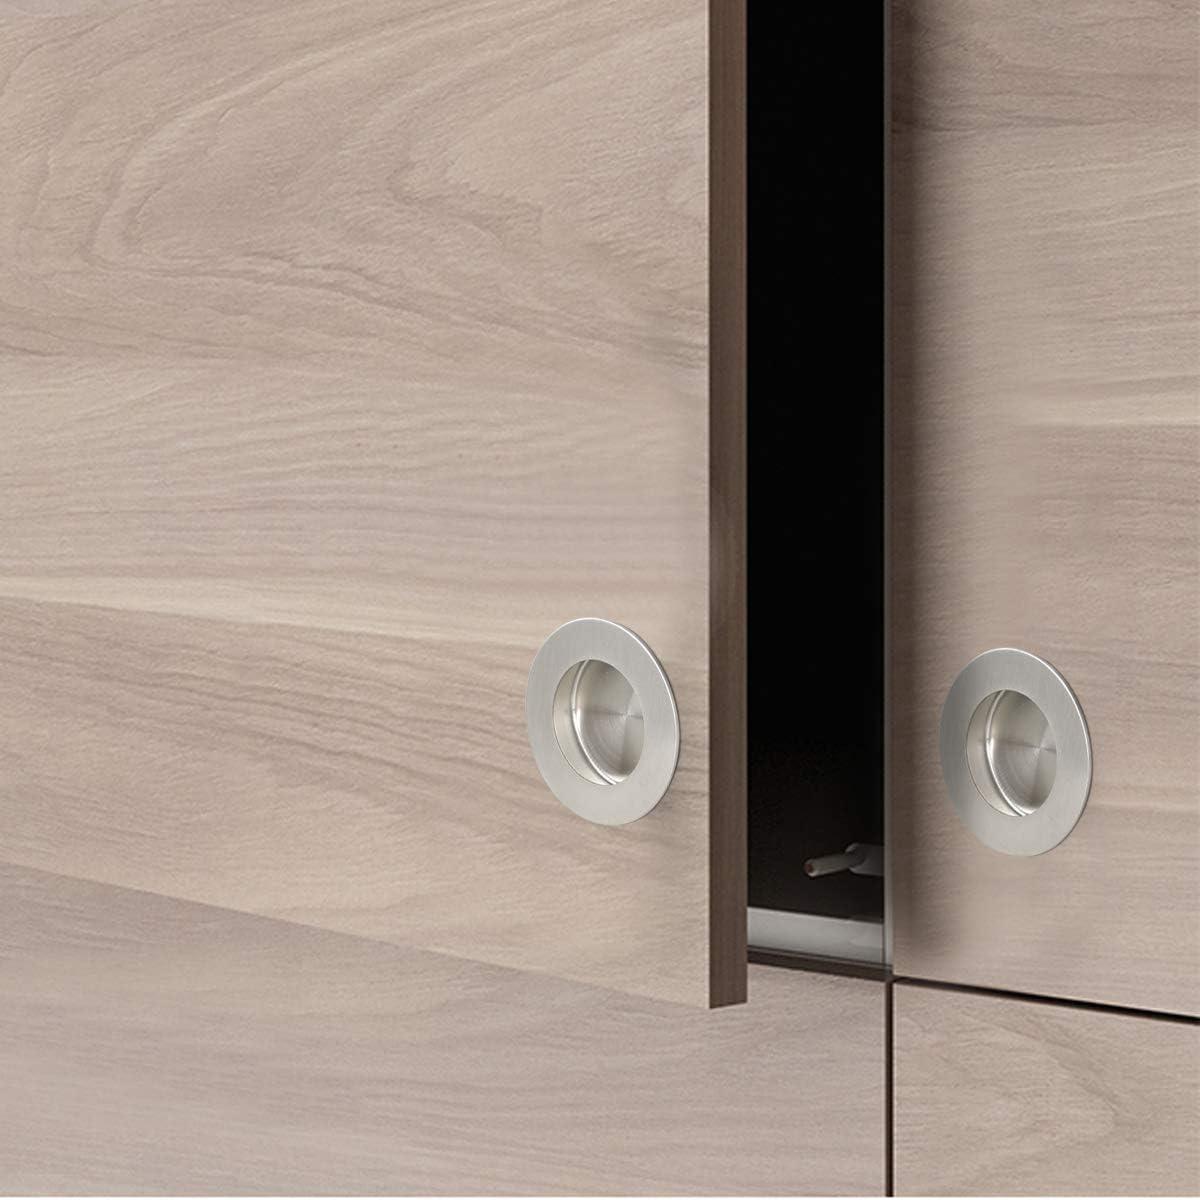 Probrico - Tirador de puerta corredera de acero inoxidable (50 mm, 2 unidades): Amazon.es: Bricolaje y herramientas